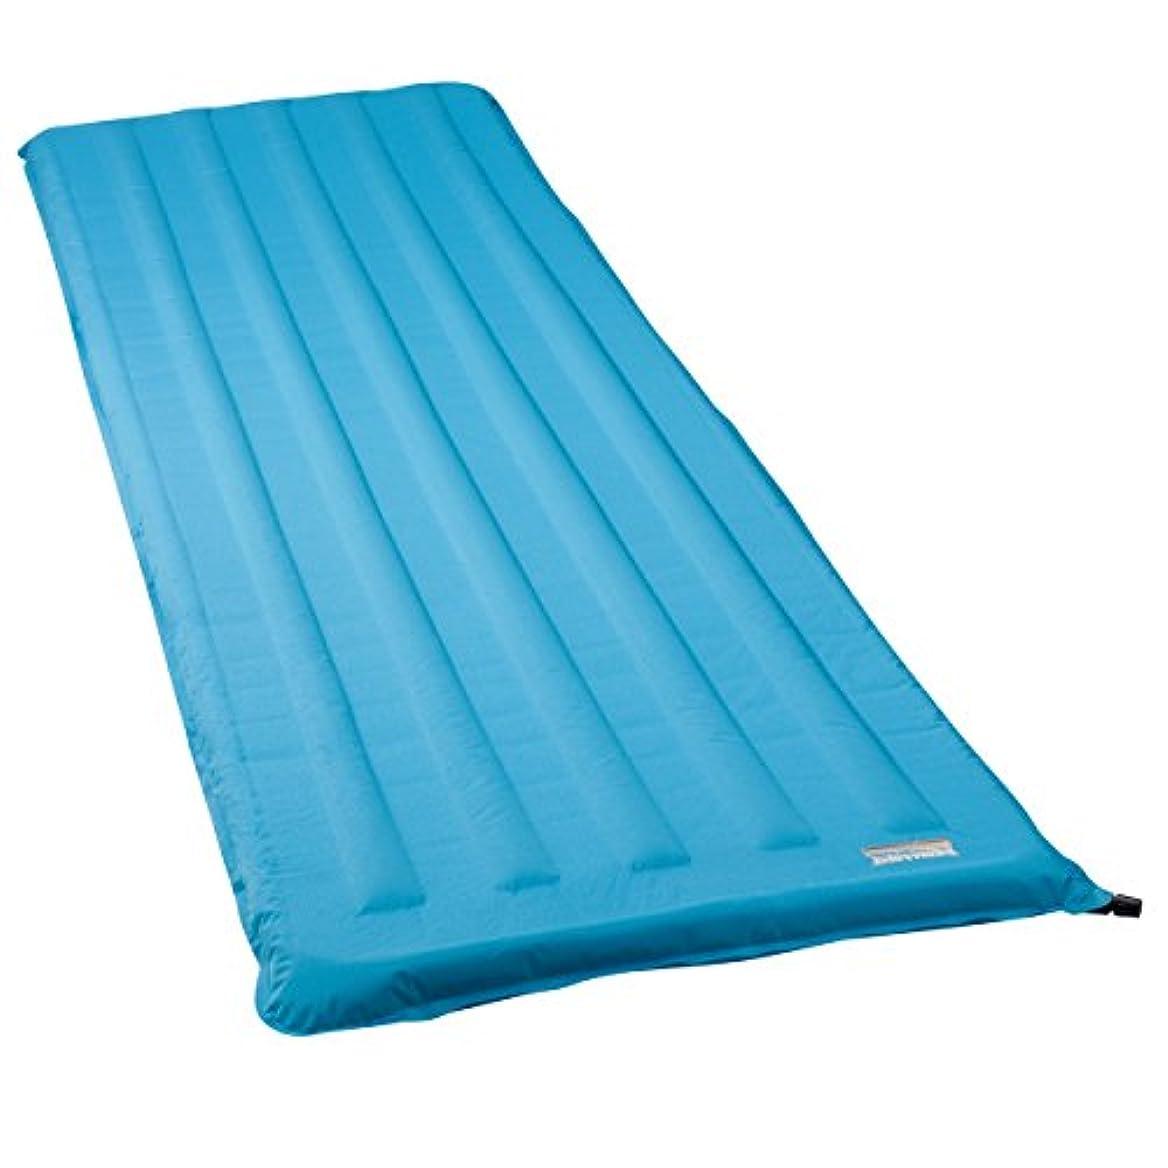 ヘア項目彼は[サーマレスト]Therm-a-Rest BaseCamp AF Sleeping Pad スリーピングパッド MEDITERRANEAN BLUE [並行輸入品]